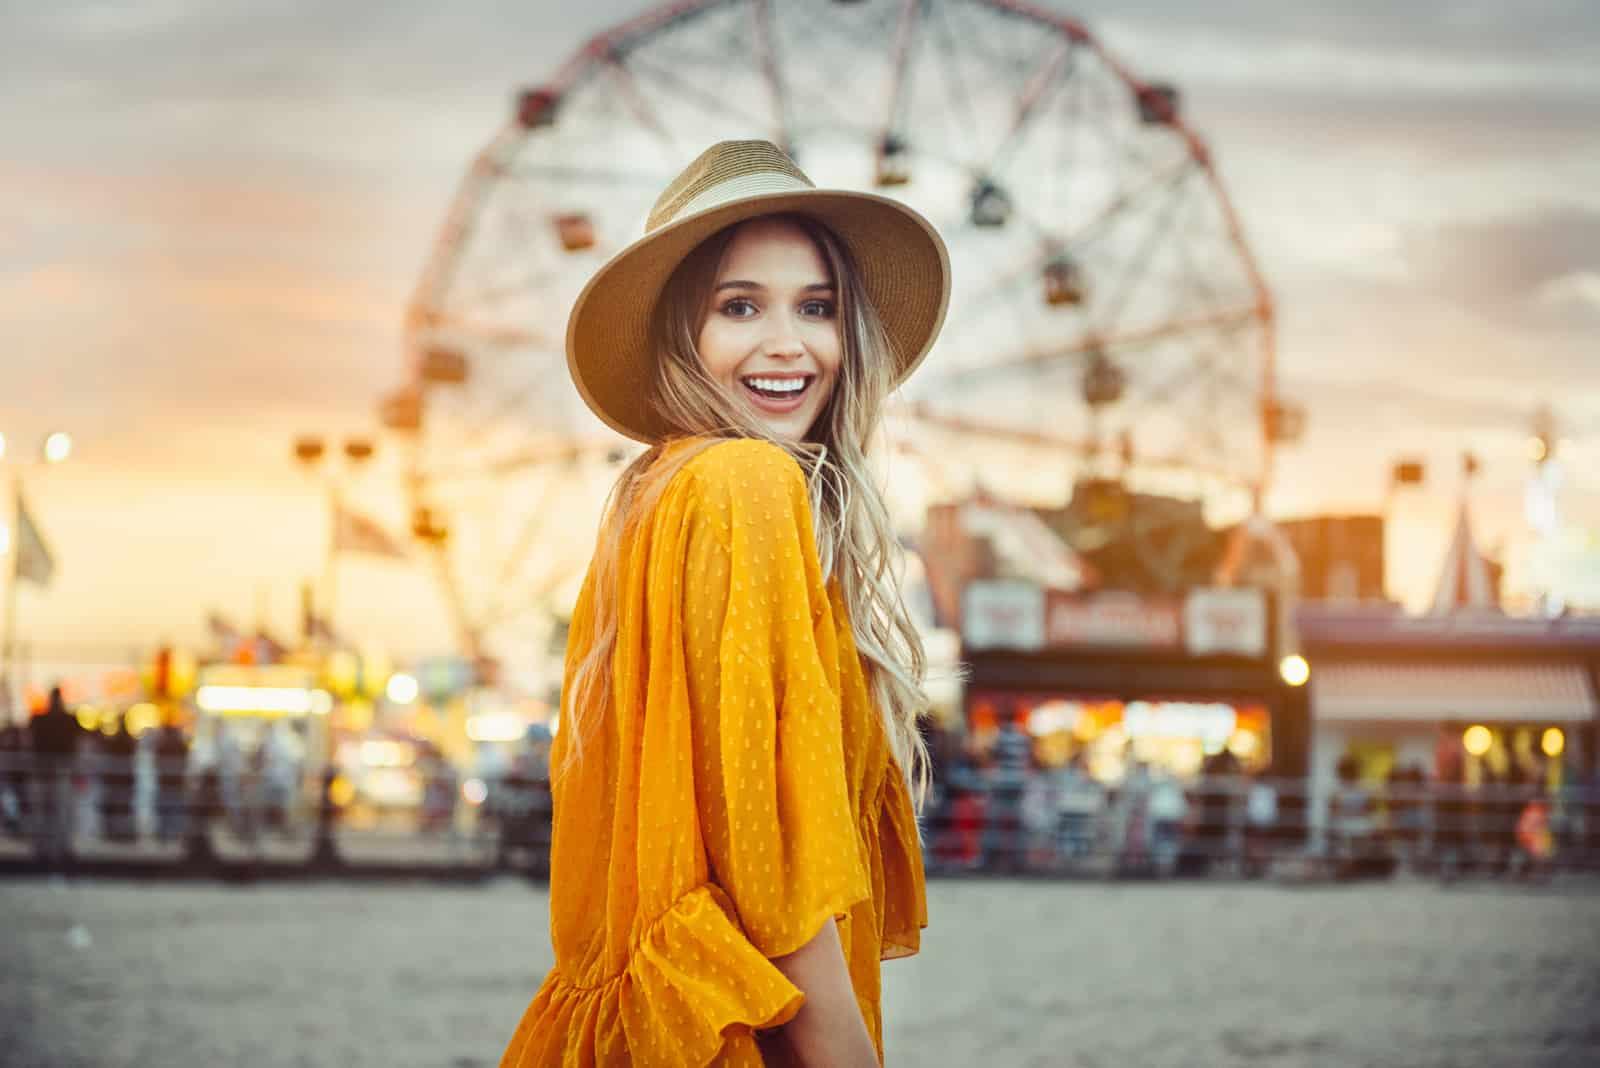 une femme souriante avec un chapeau sur la tête se dresse dans la rue